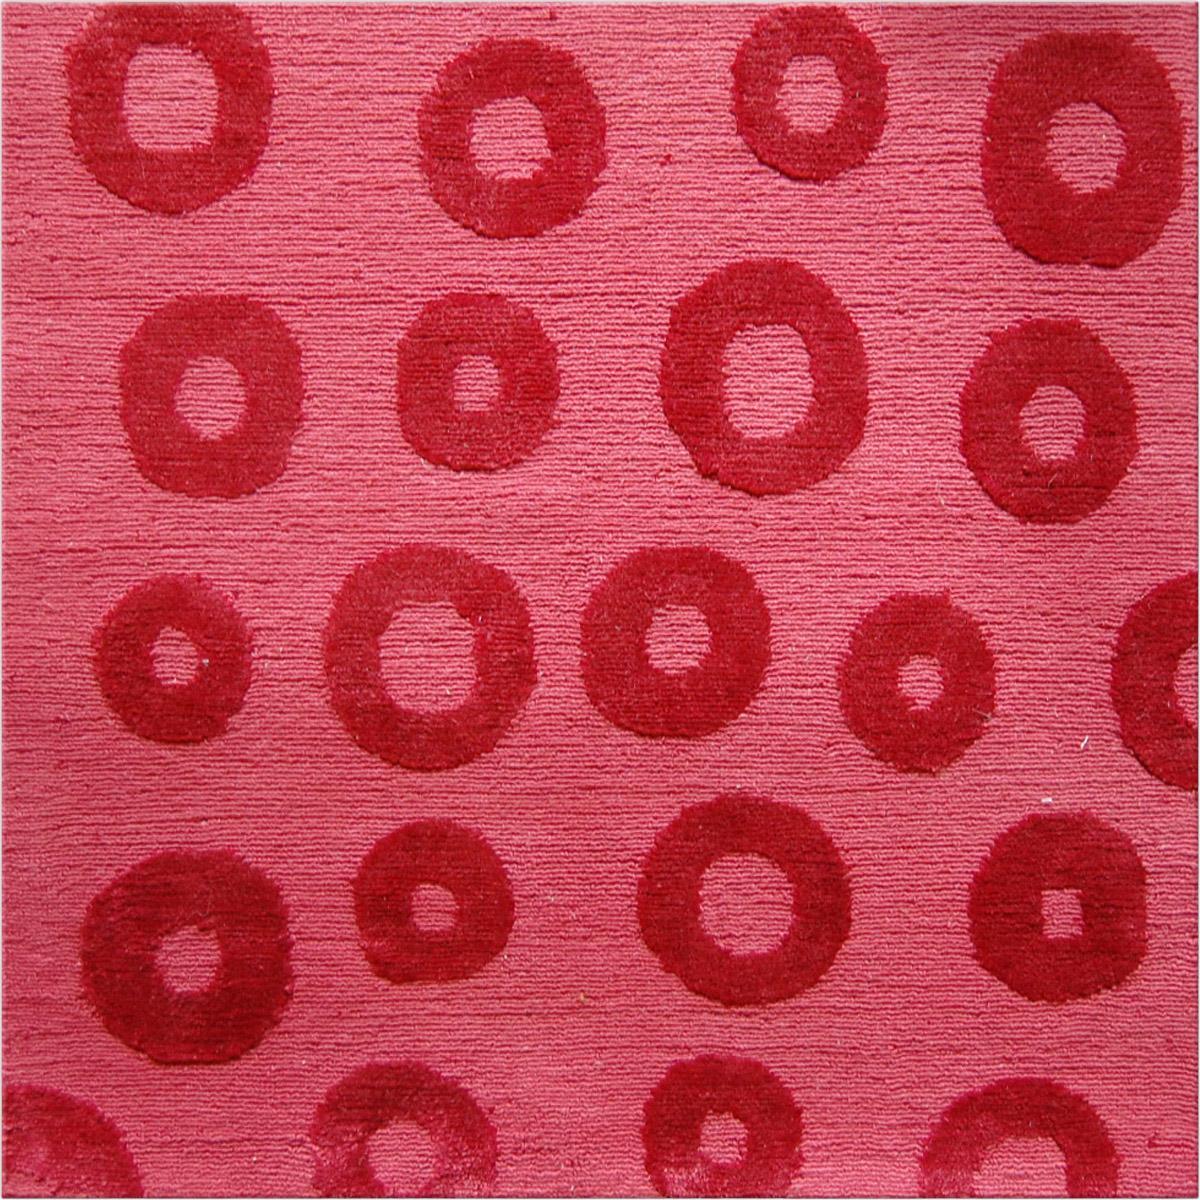 DLB Red Circle N10131S